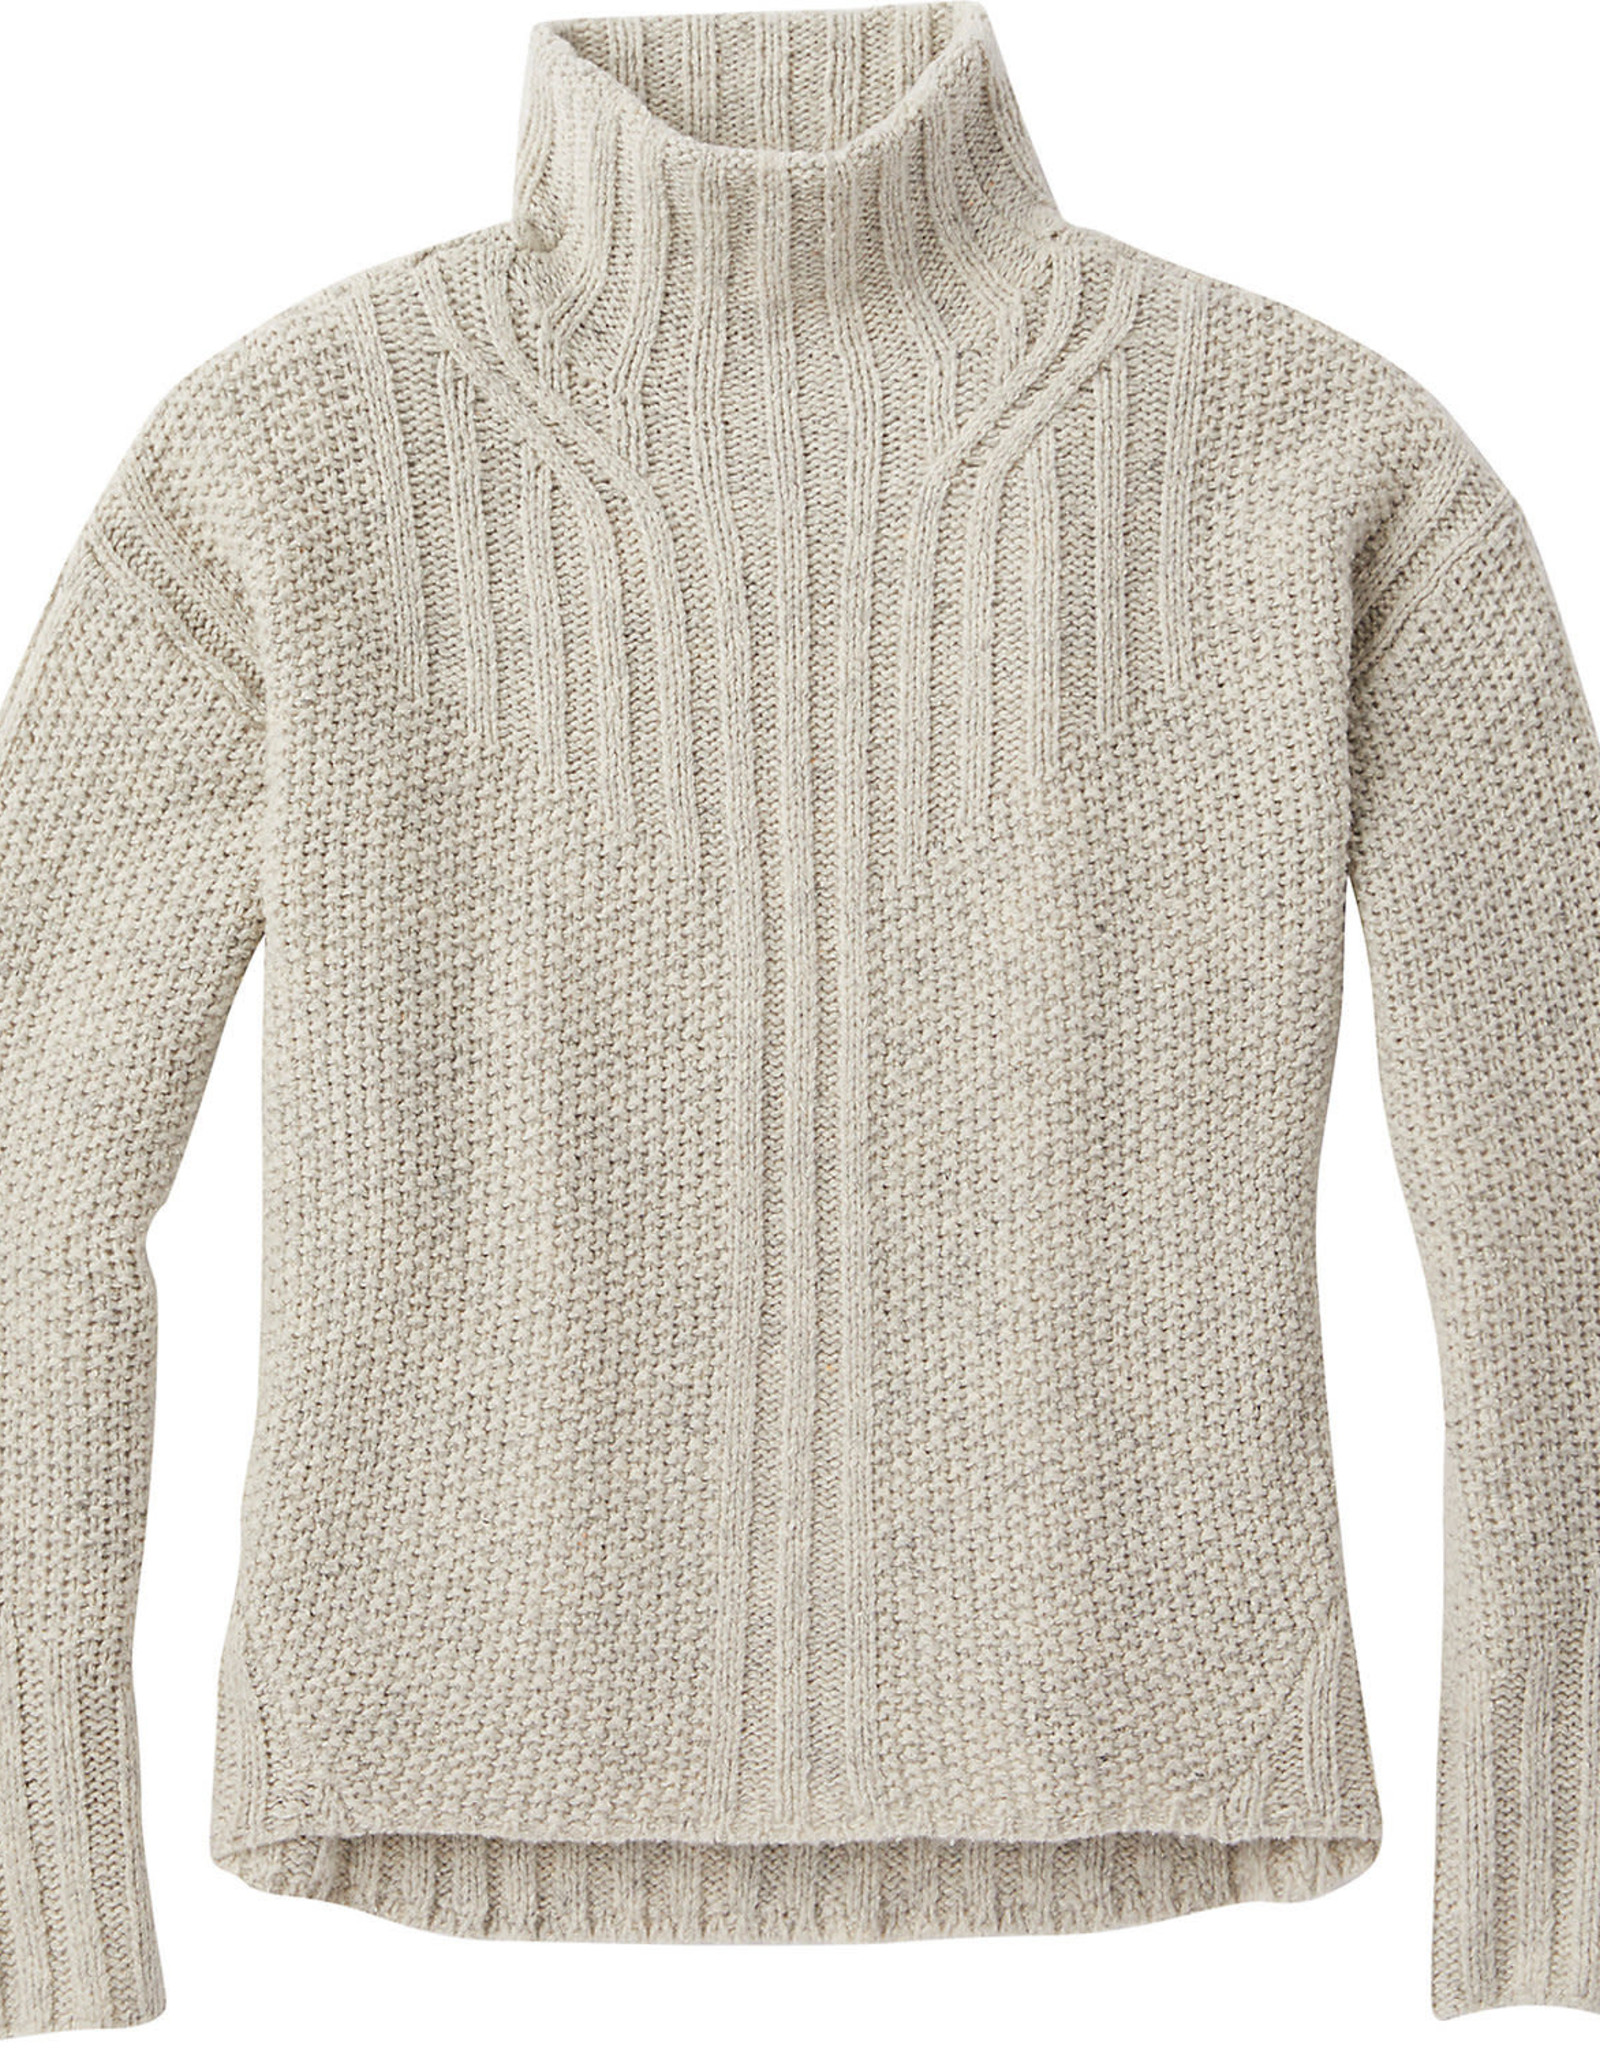 SMARTWOOL SmartWool Women's Spruce Creek Sweater